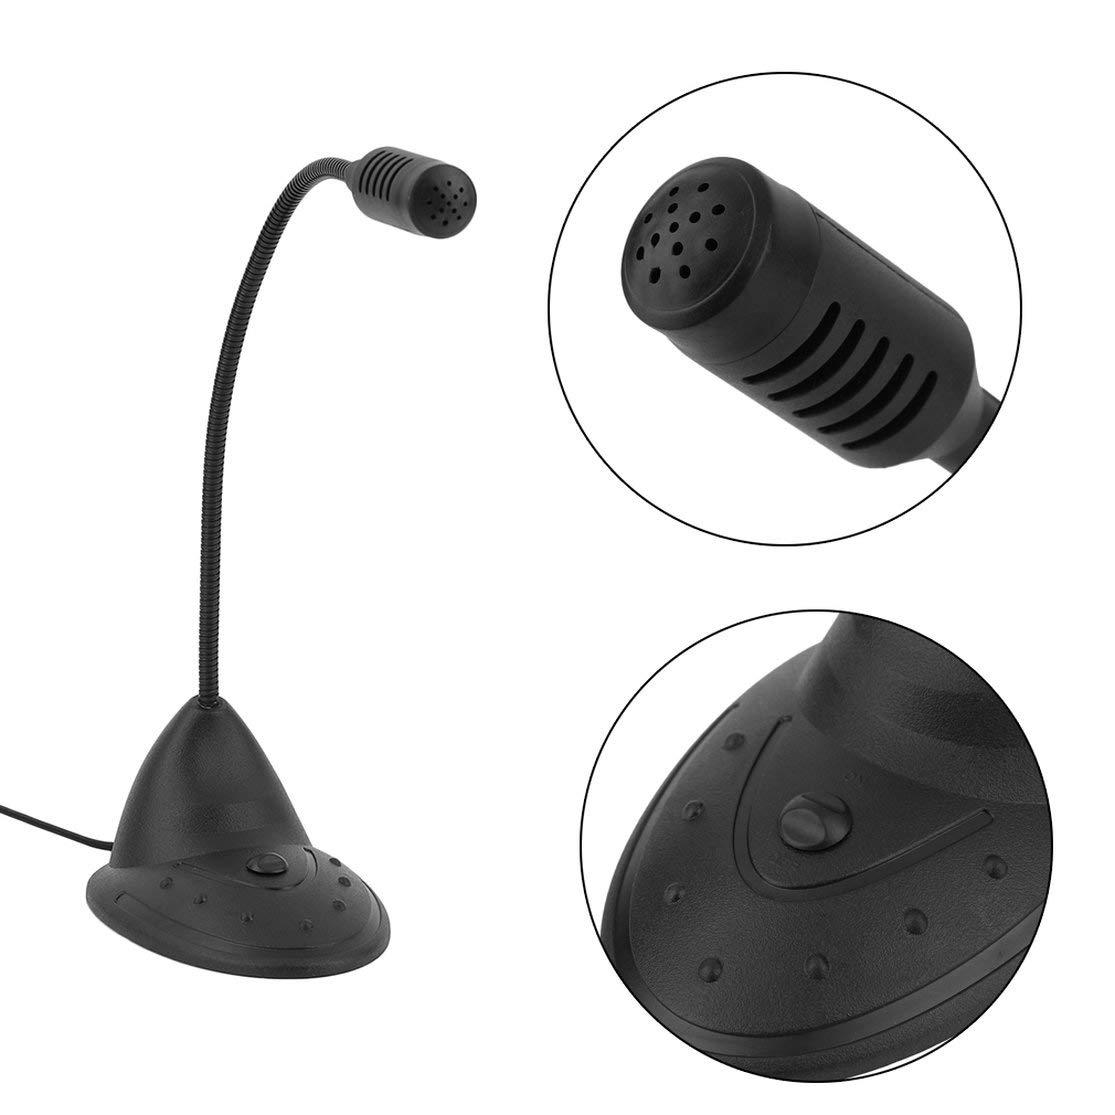 LouiseEvel215 Bureau Microphone CD-2000 Petit Ordinateur Portable Pratique Ordinateur Microphone Studio Discours Mic Support pour PC